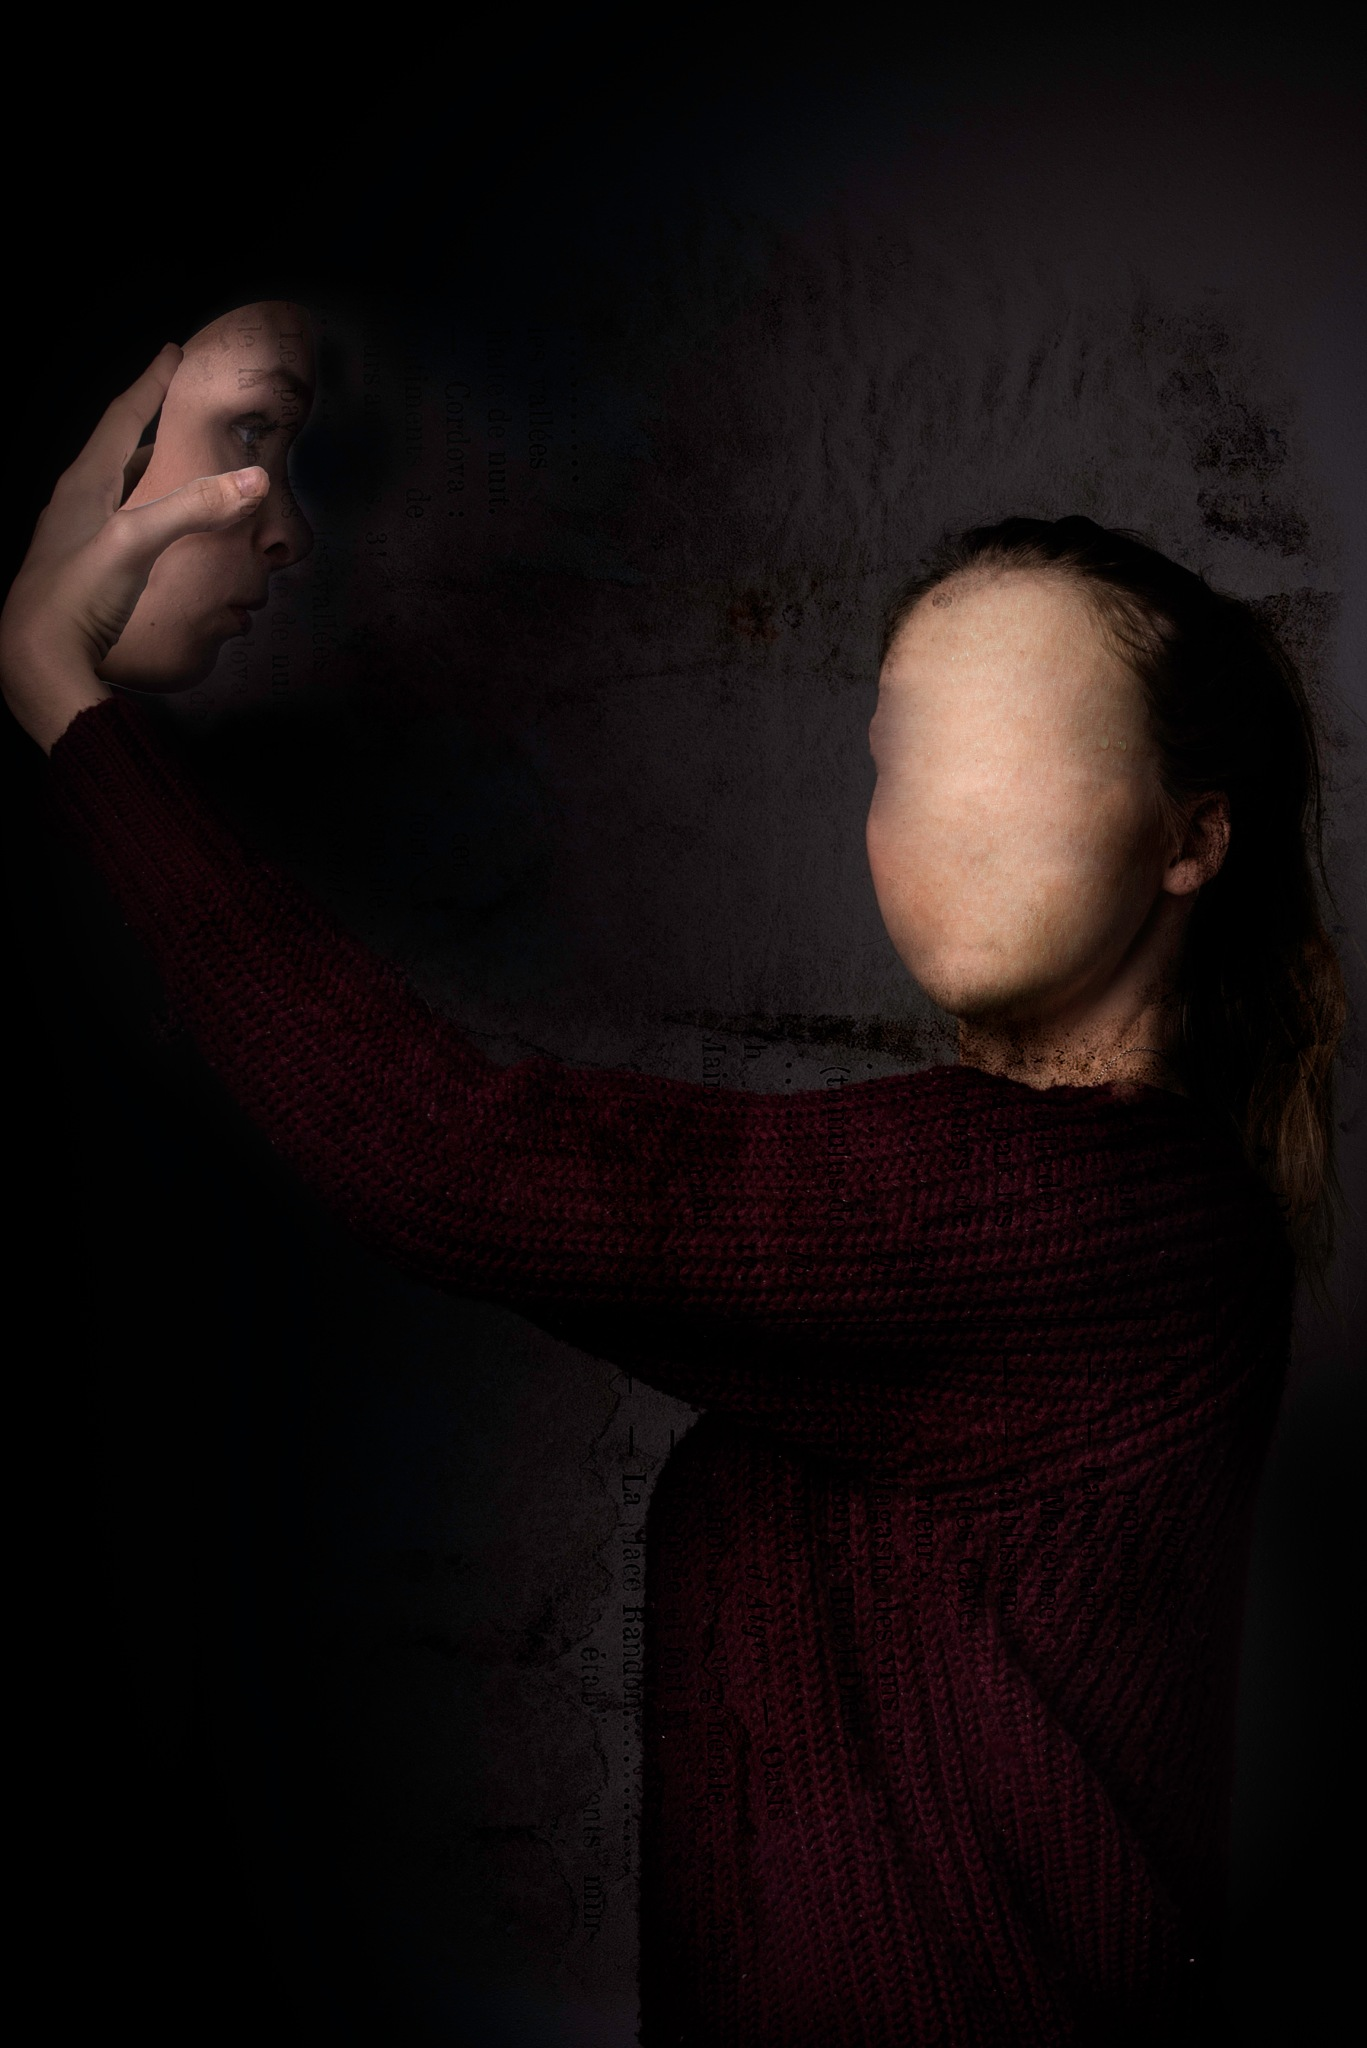 Identity by Ashley Stoecklin